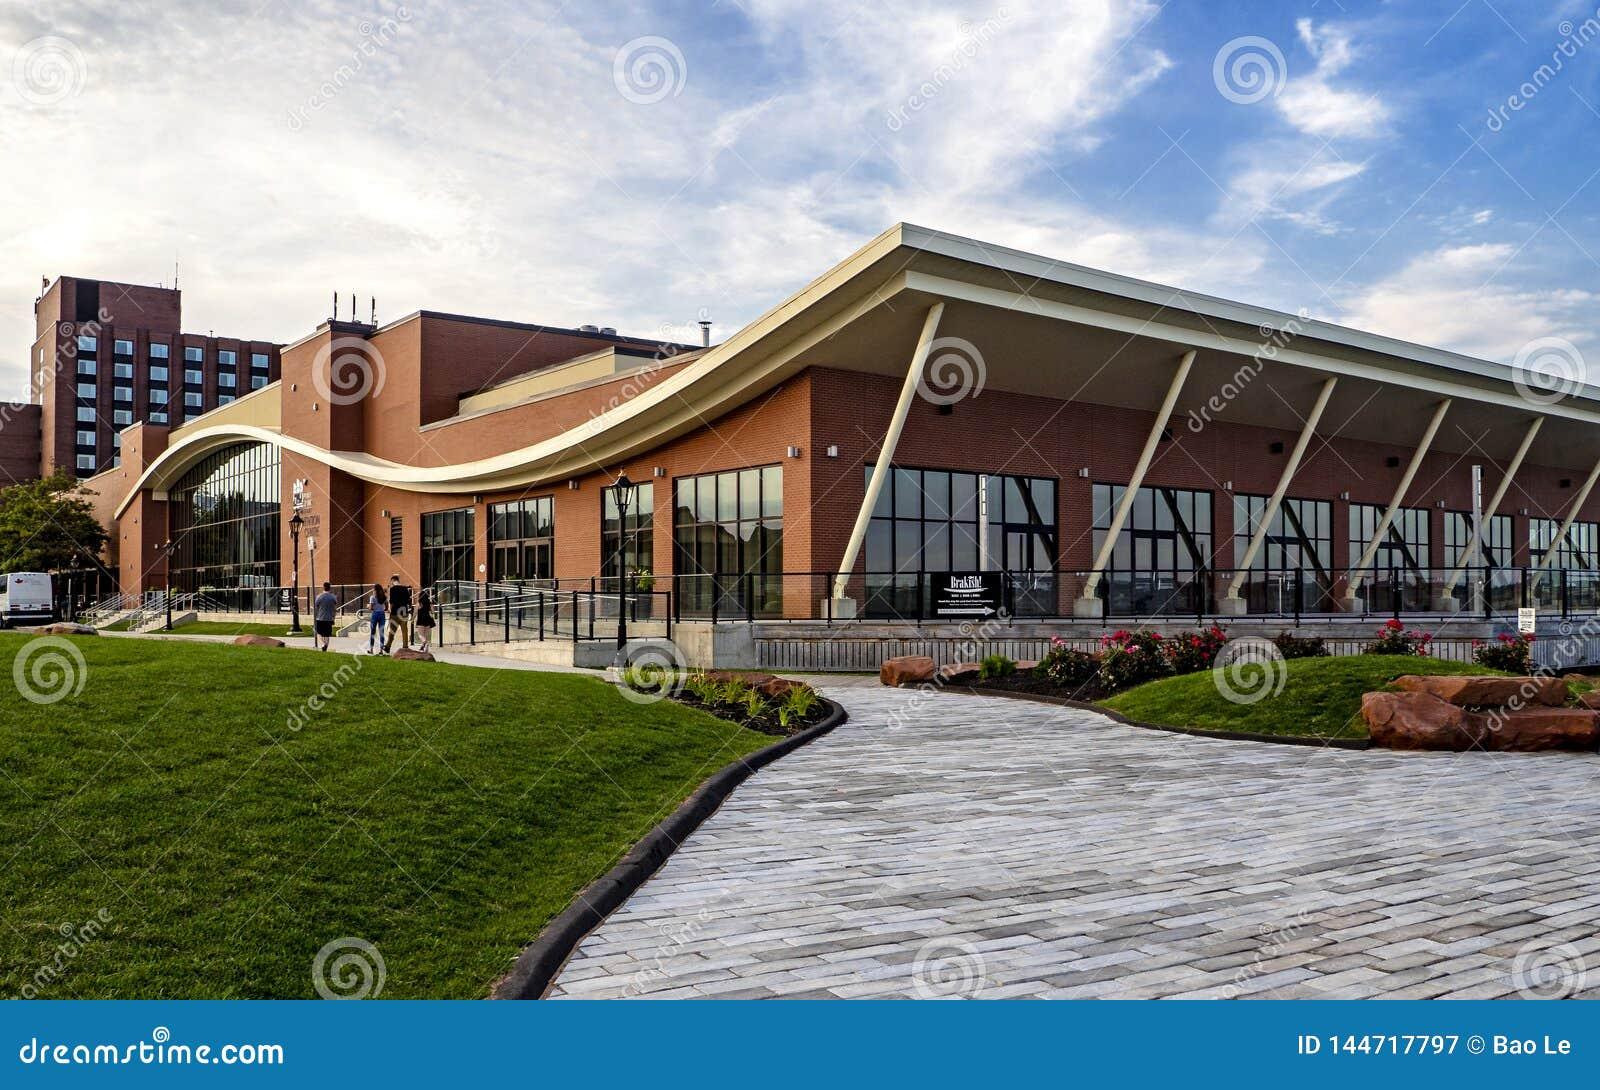 Hôtels de PEI Convention Centre et de delta par prince Edward de Marriott pendant le bel après-midi à Charlottetown,